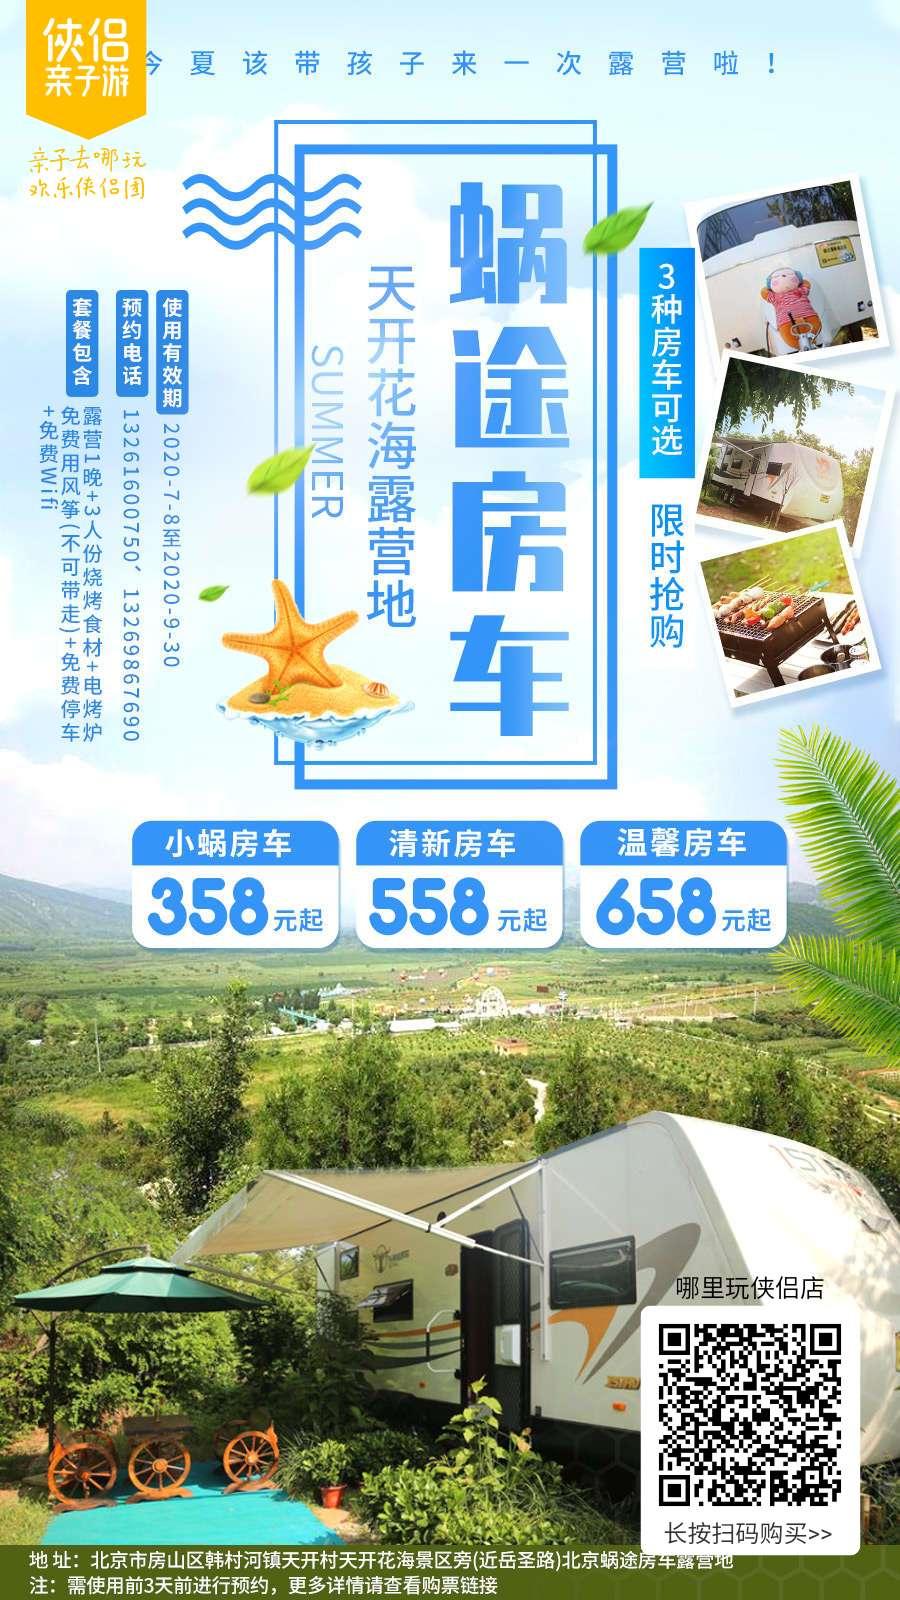 【北京】不出京,被大自然环绕的蜗途房车天开花海露营地:踏青美拍、放风筝、烧烤、山野星空…美极了